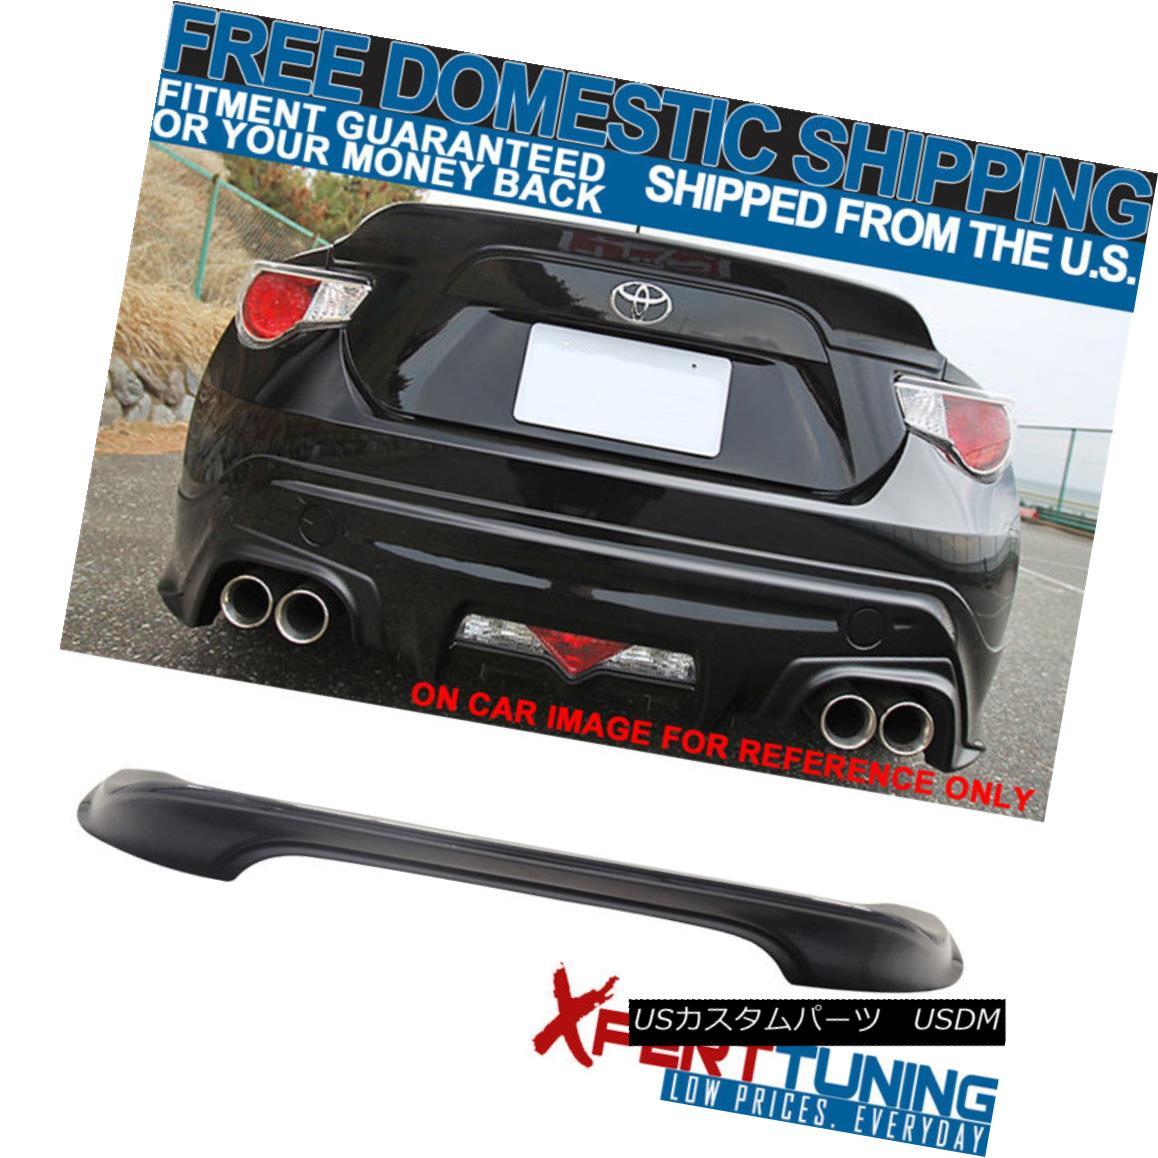 エアロパーツ Fit Scion FRS Subaru BRZ 13-17 Trunk Spoiler OE Painted Dark Gray Asphalt #61K フィットサイオンFRSスバルBRZ 13-17トランクスポイラーOE塗装ダークグレーアスファルト#61K